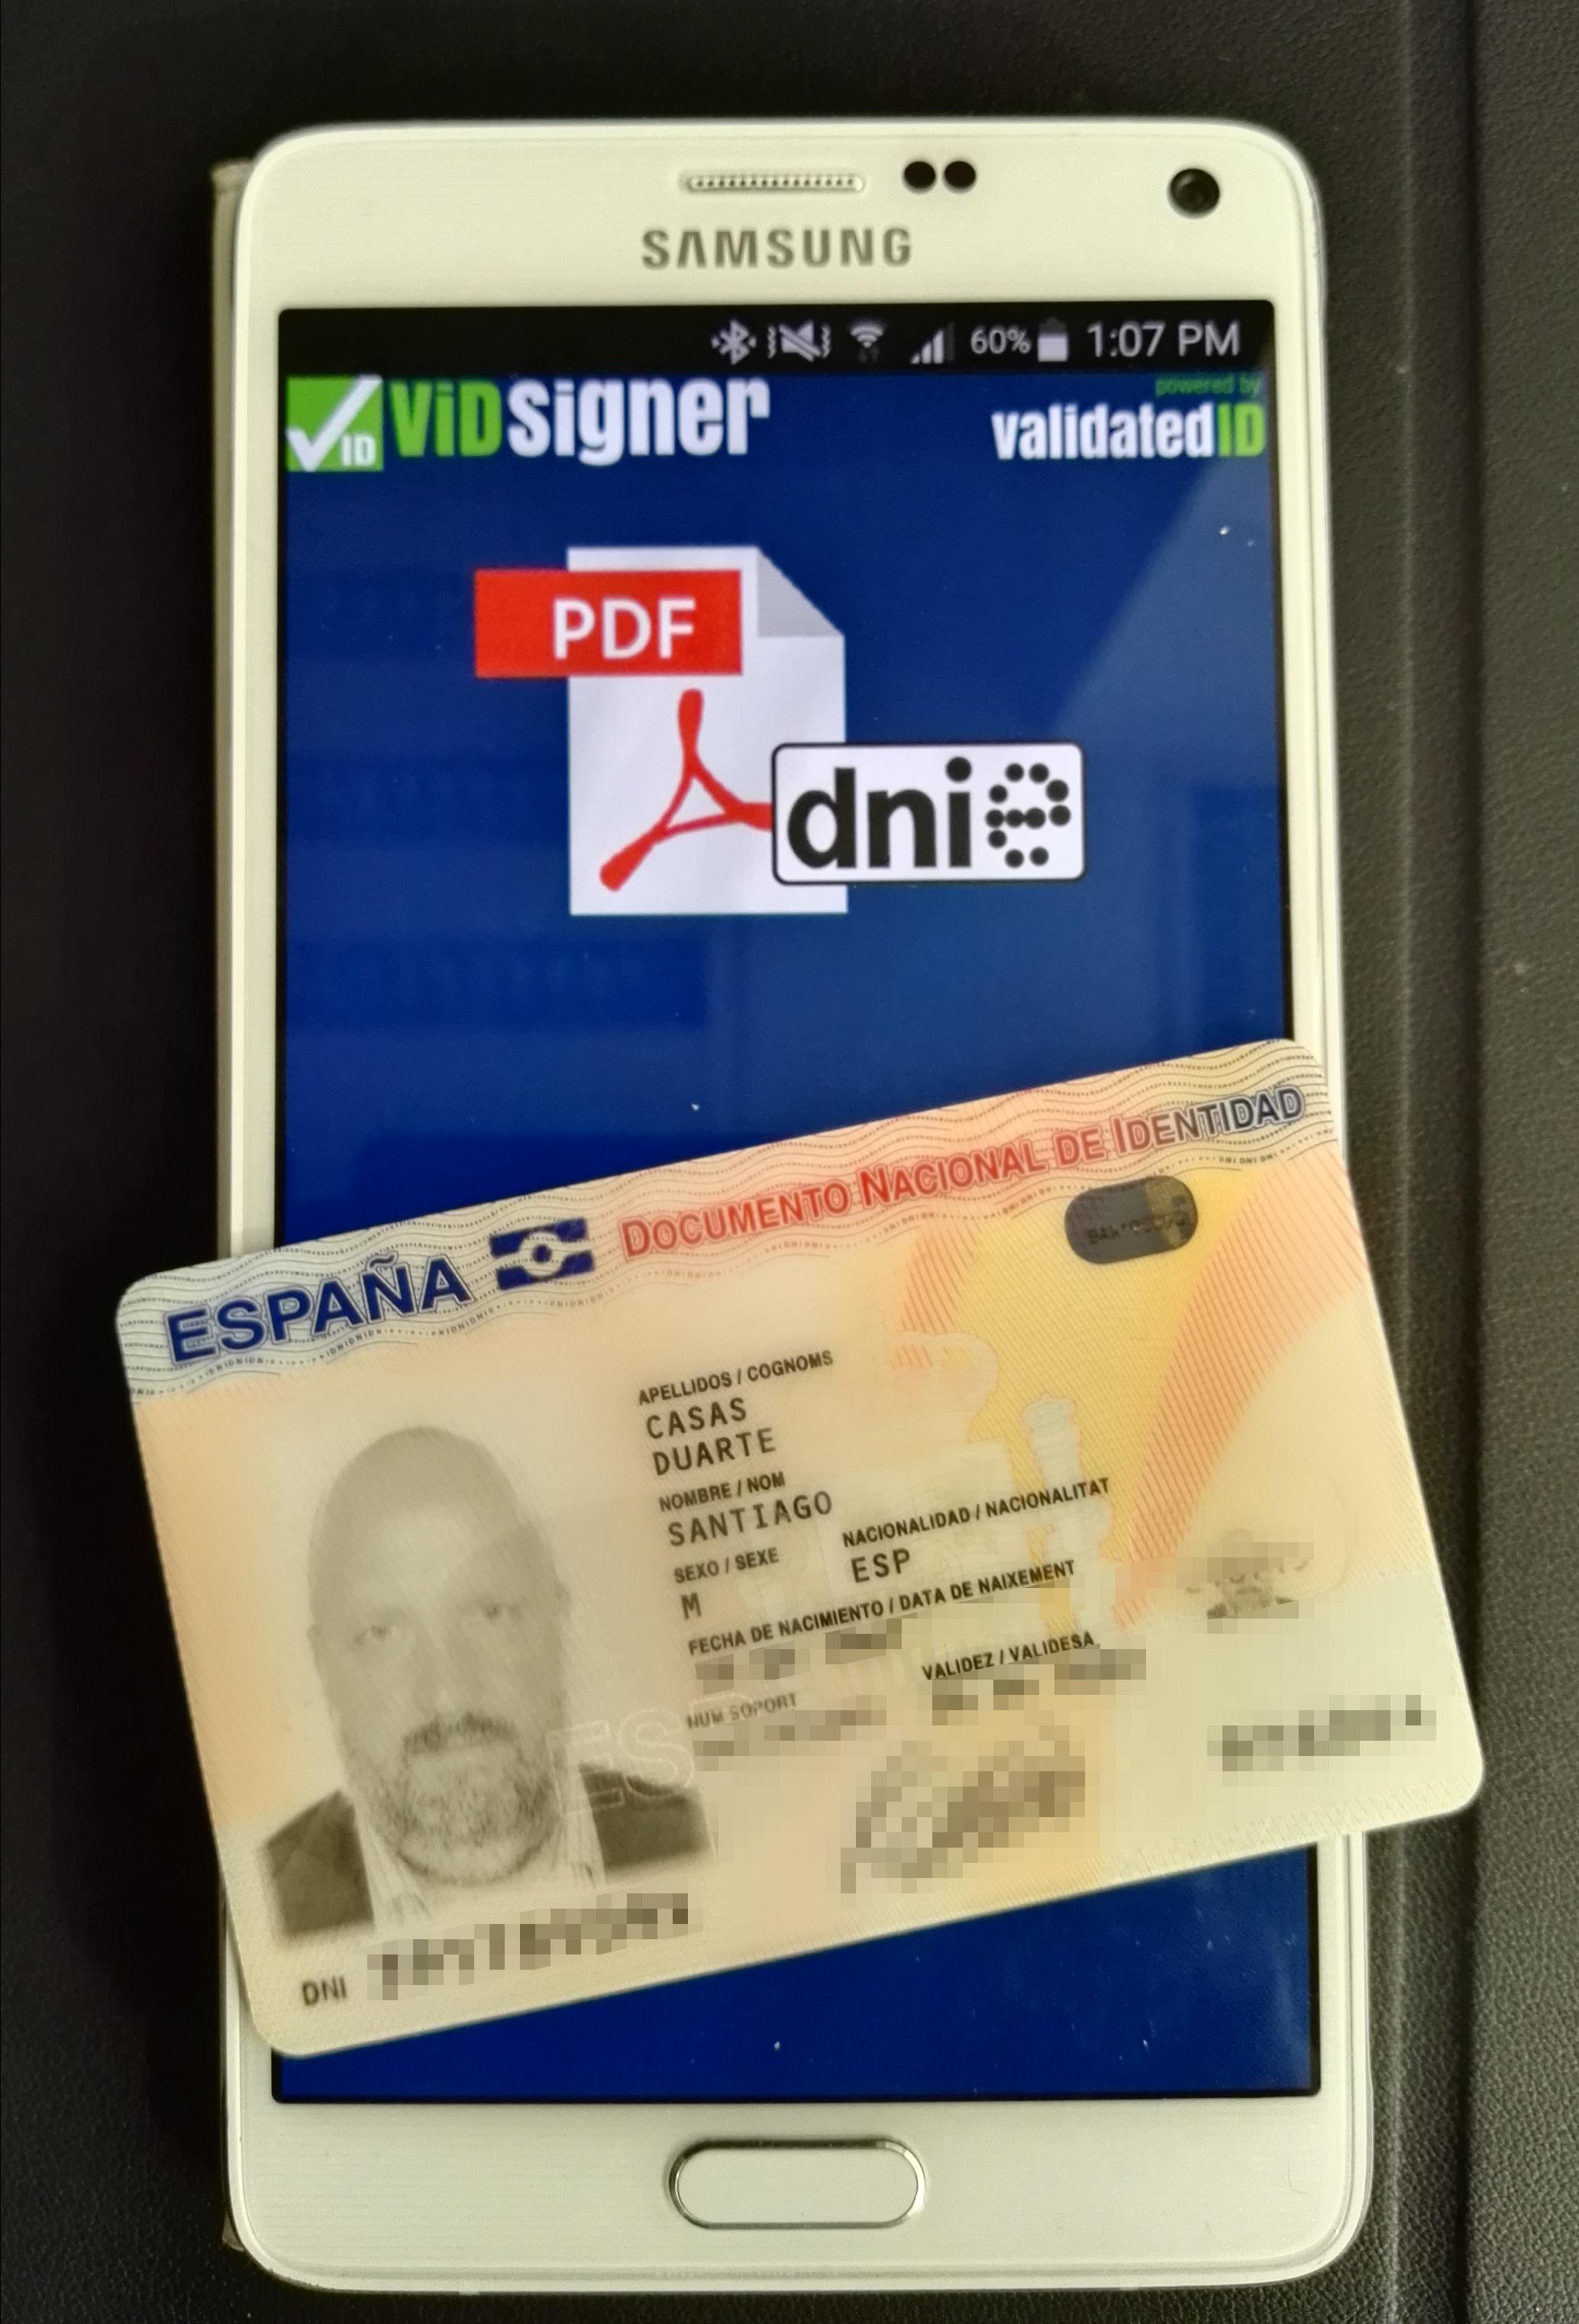 Firmar con el nuevo DNI desde el móvil ya es posible gracias a la nueva app de ViDSigner